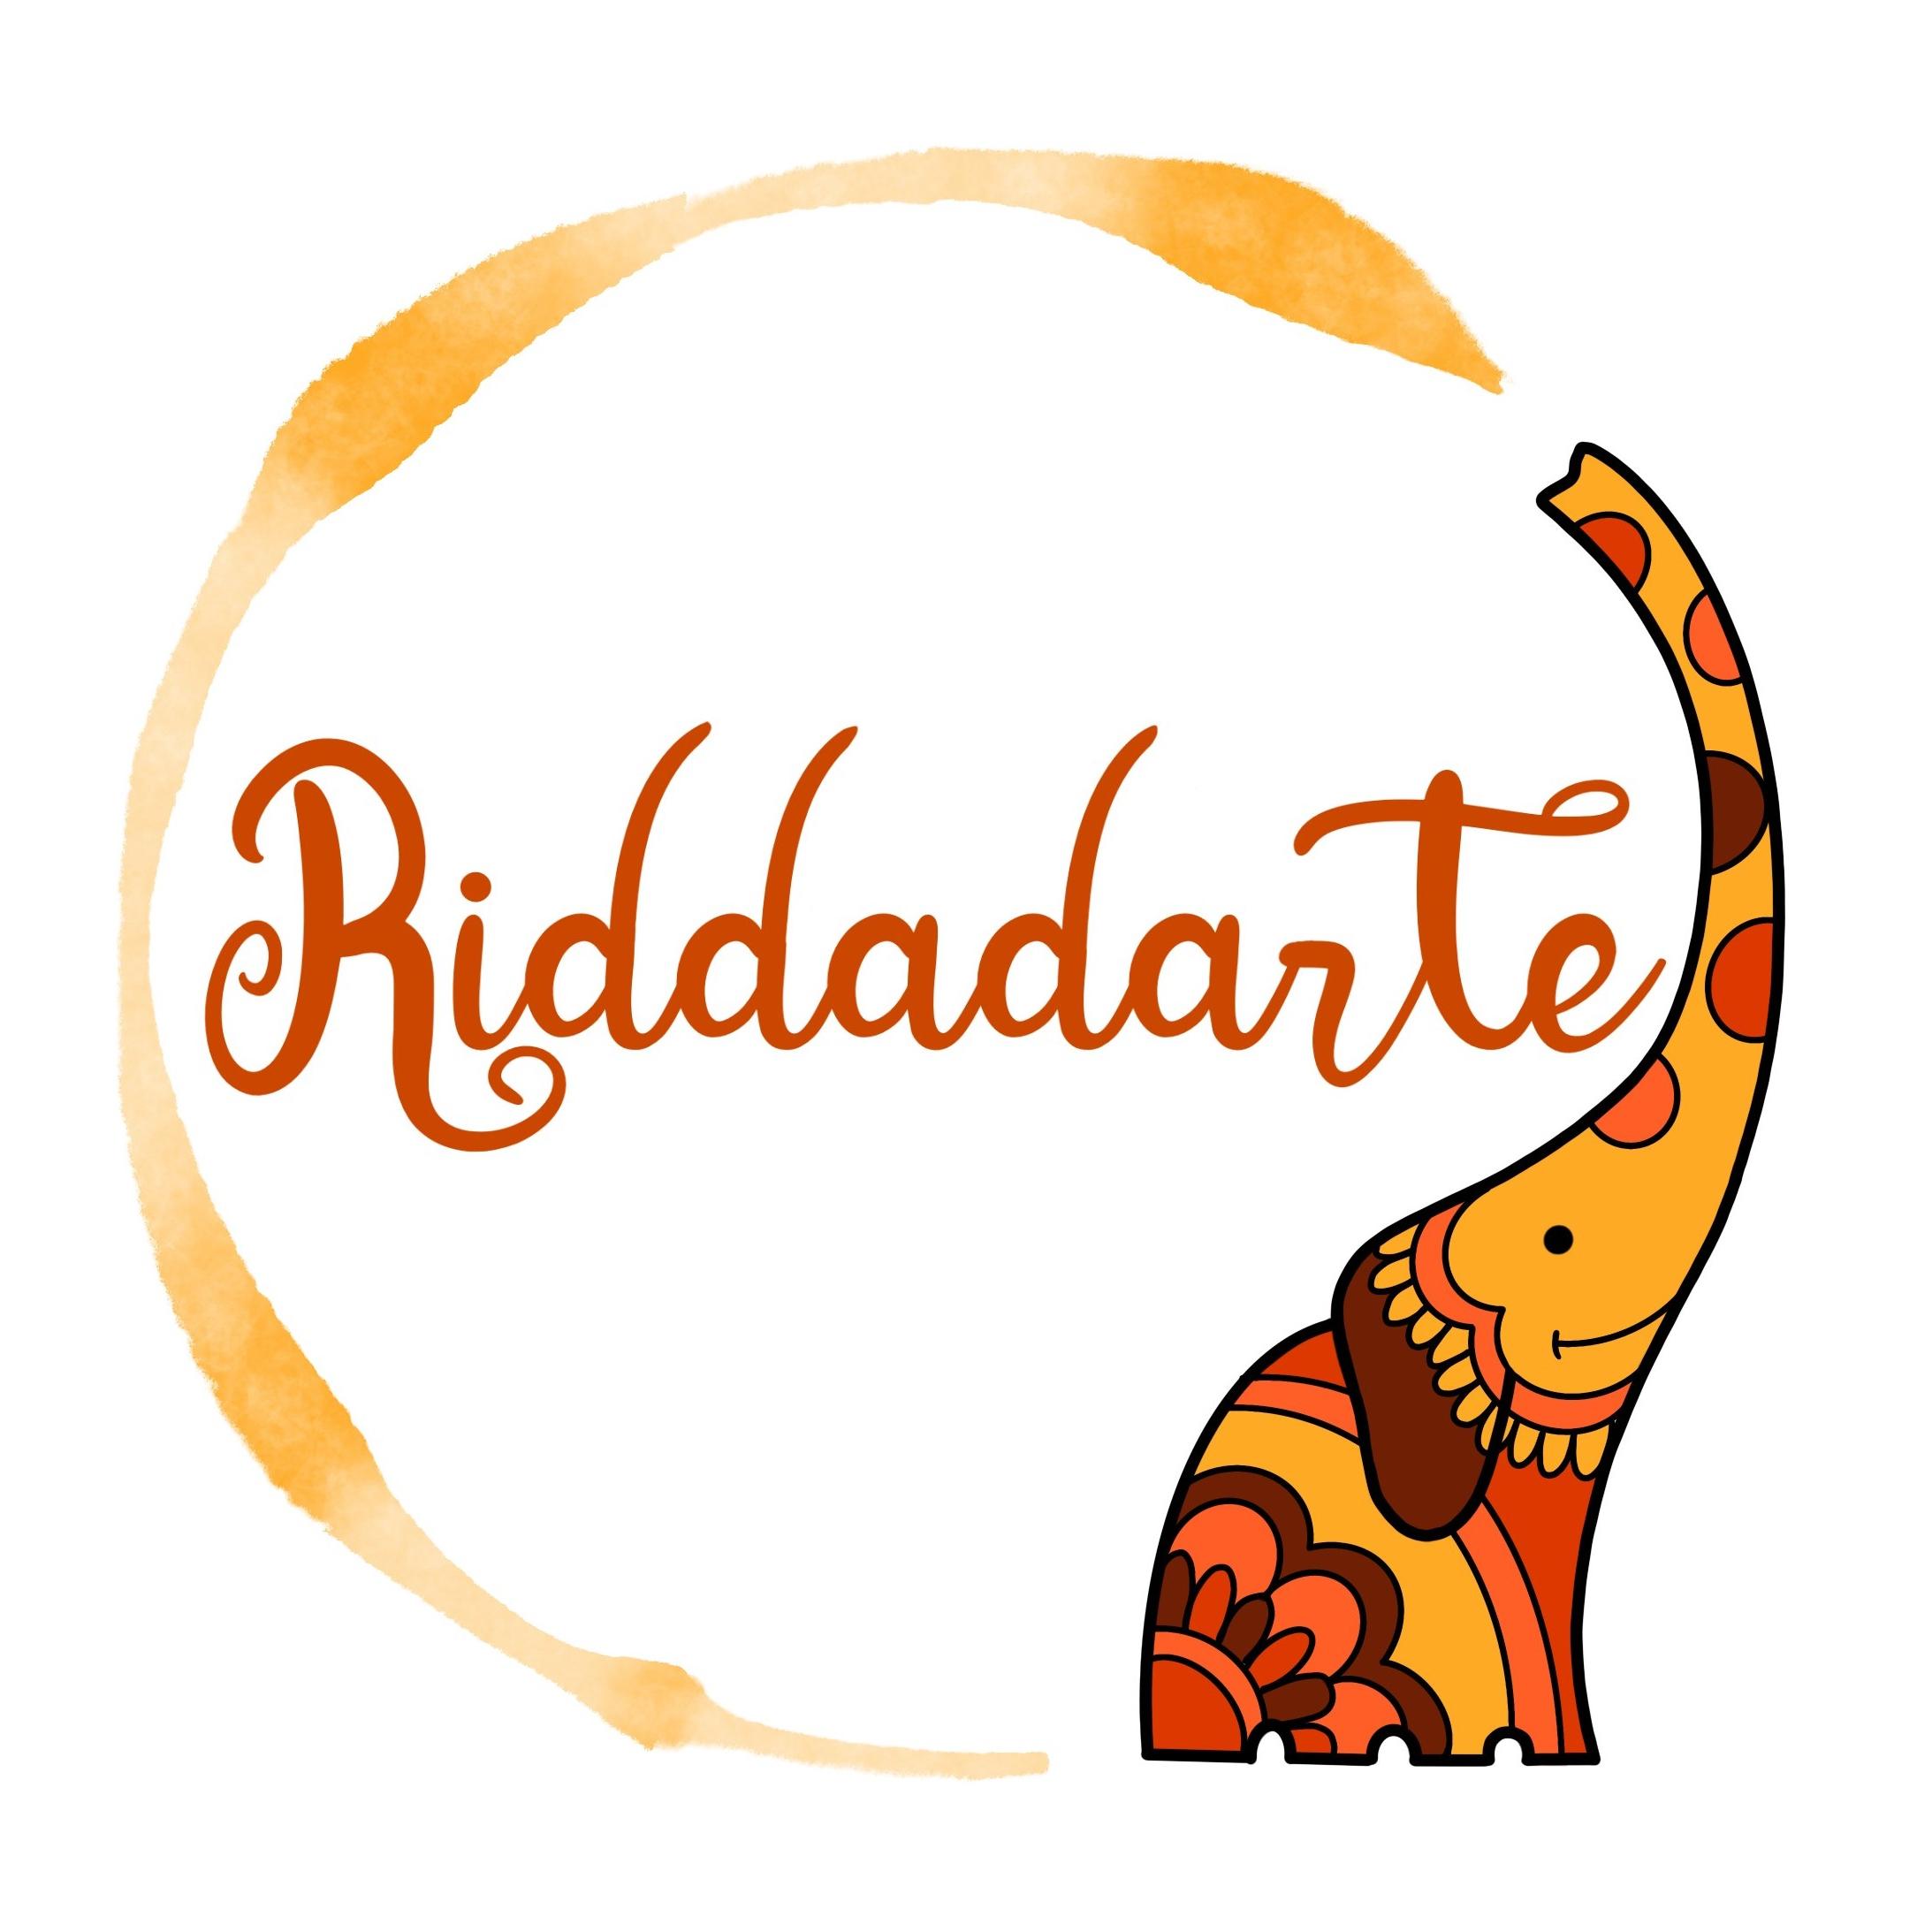 Riddadarte